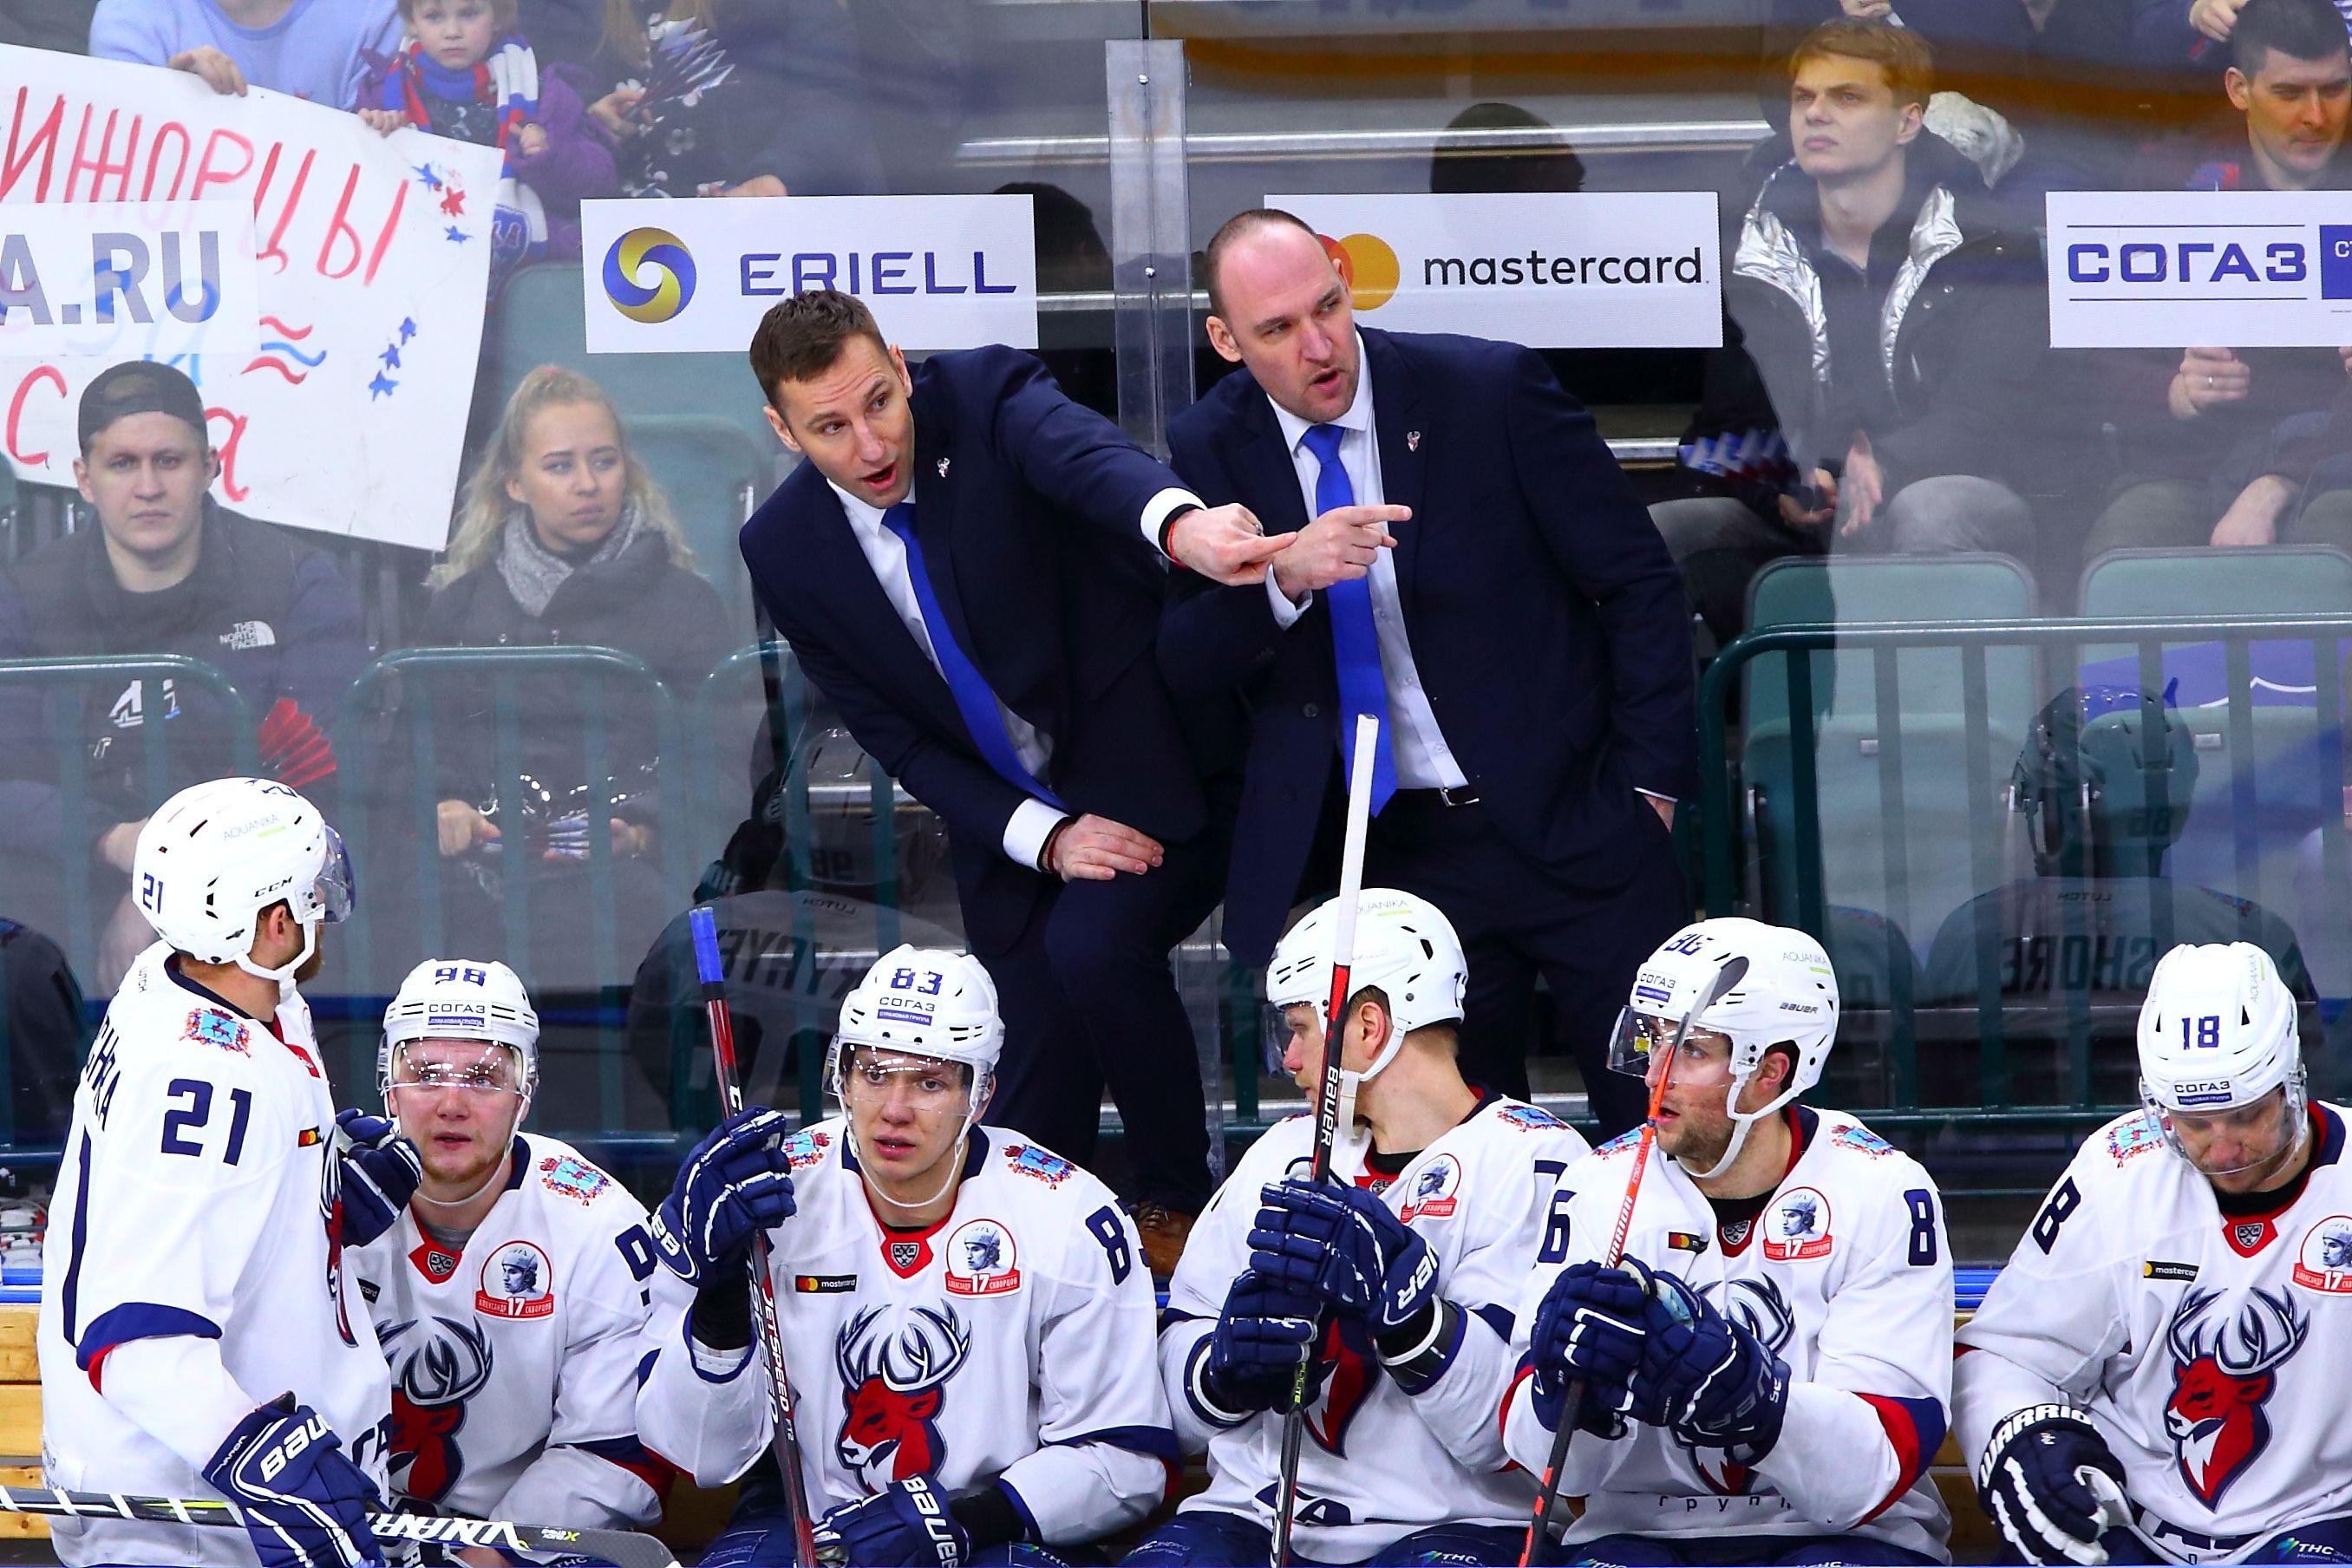 Канадский тренер 'Торпедо': Североамериканские хоккеисты из Европы хотят вернуться в Россию в следующем году'